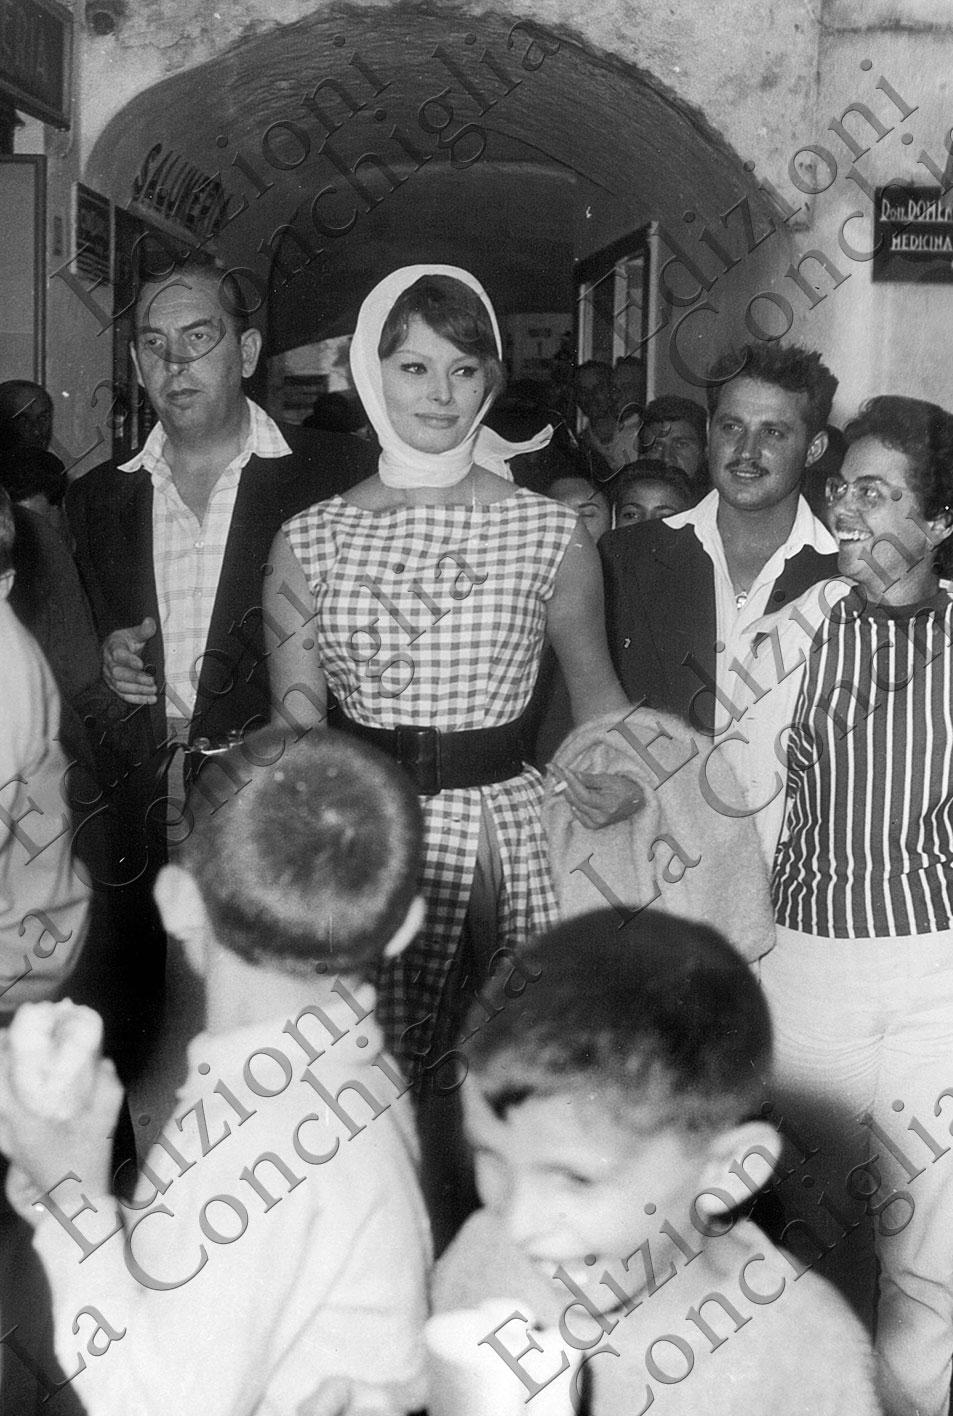 Sophia Loren a Capri, Capri Movies, Frammenti di uno stile, Fragments of style, Vita Dolce Vita, Edizioni La Conchiglia Capri.